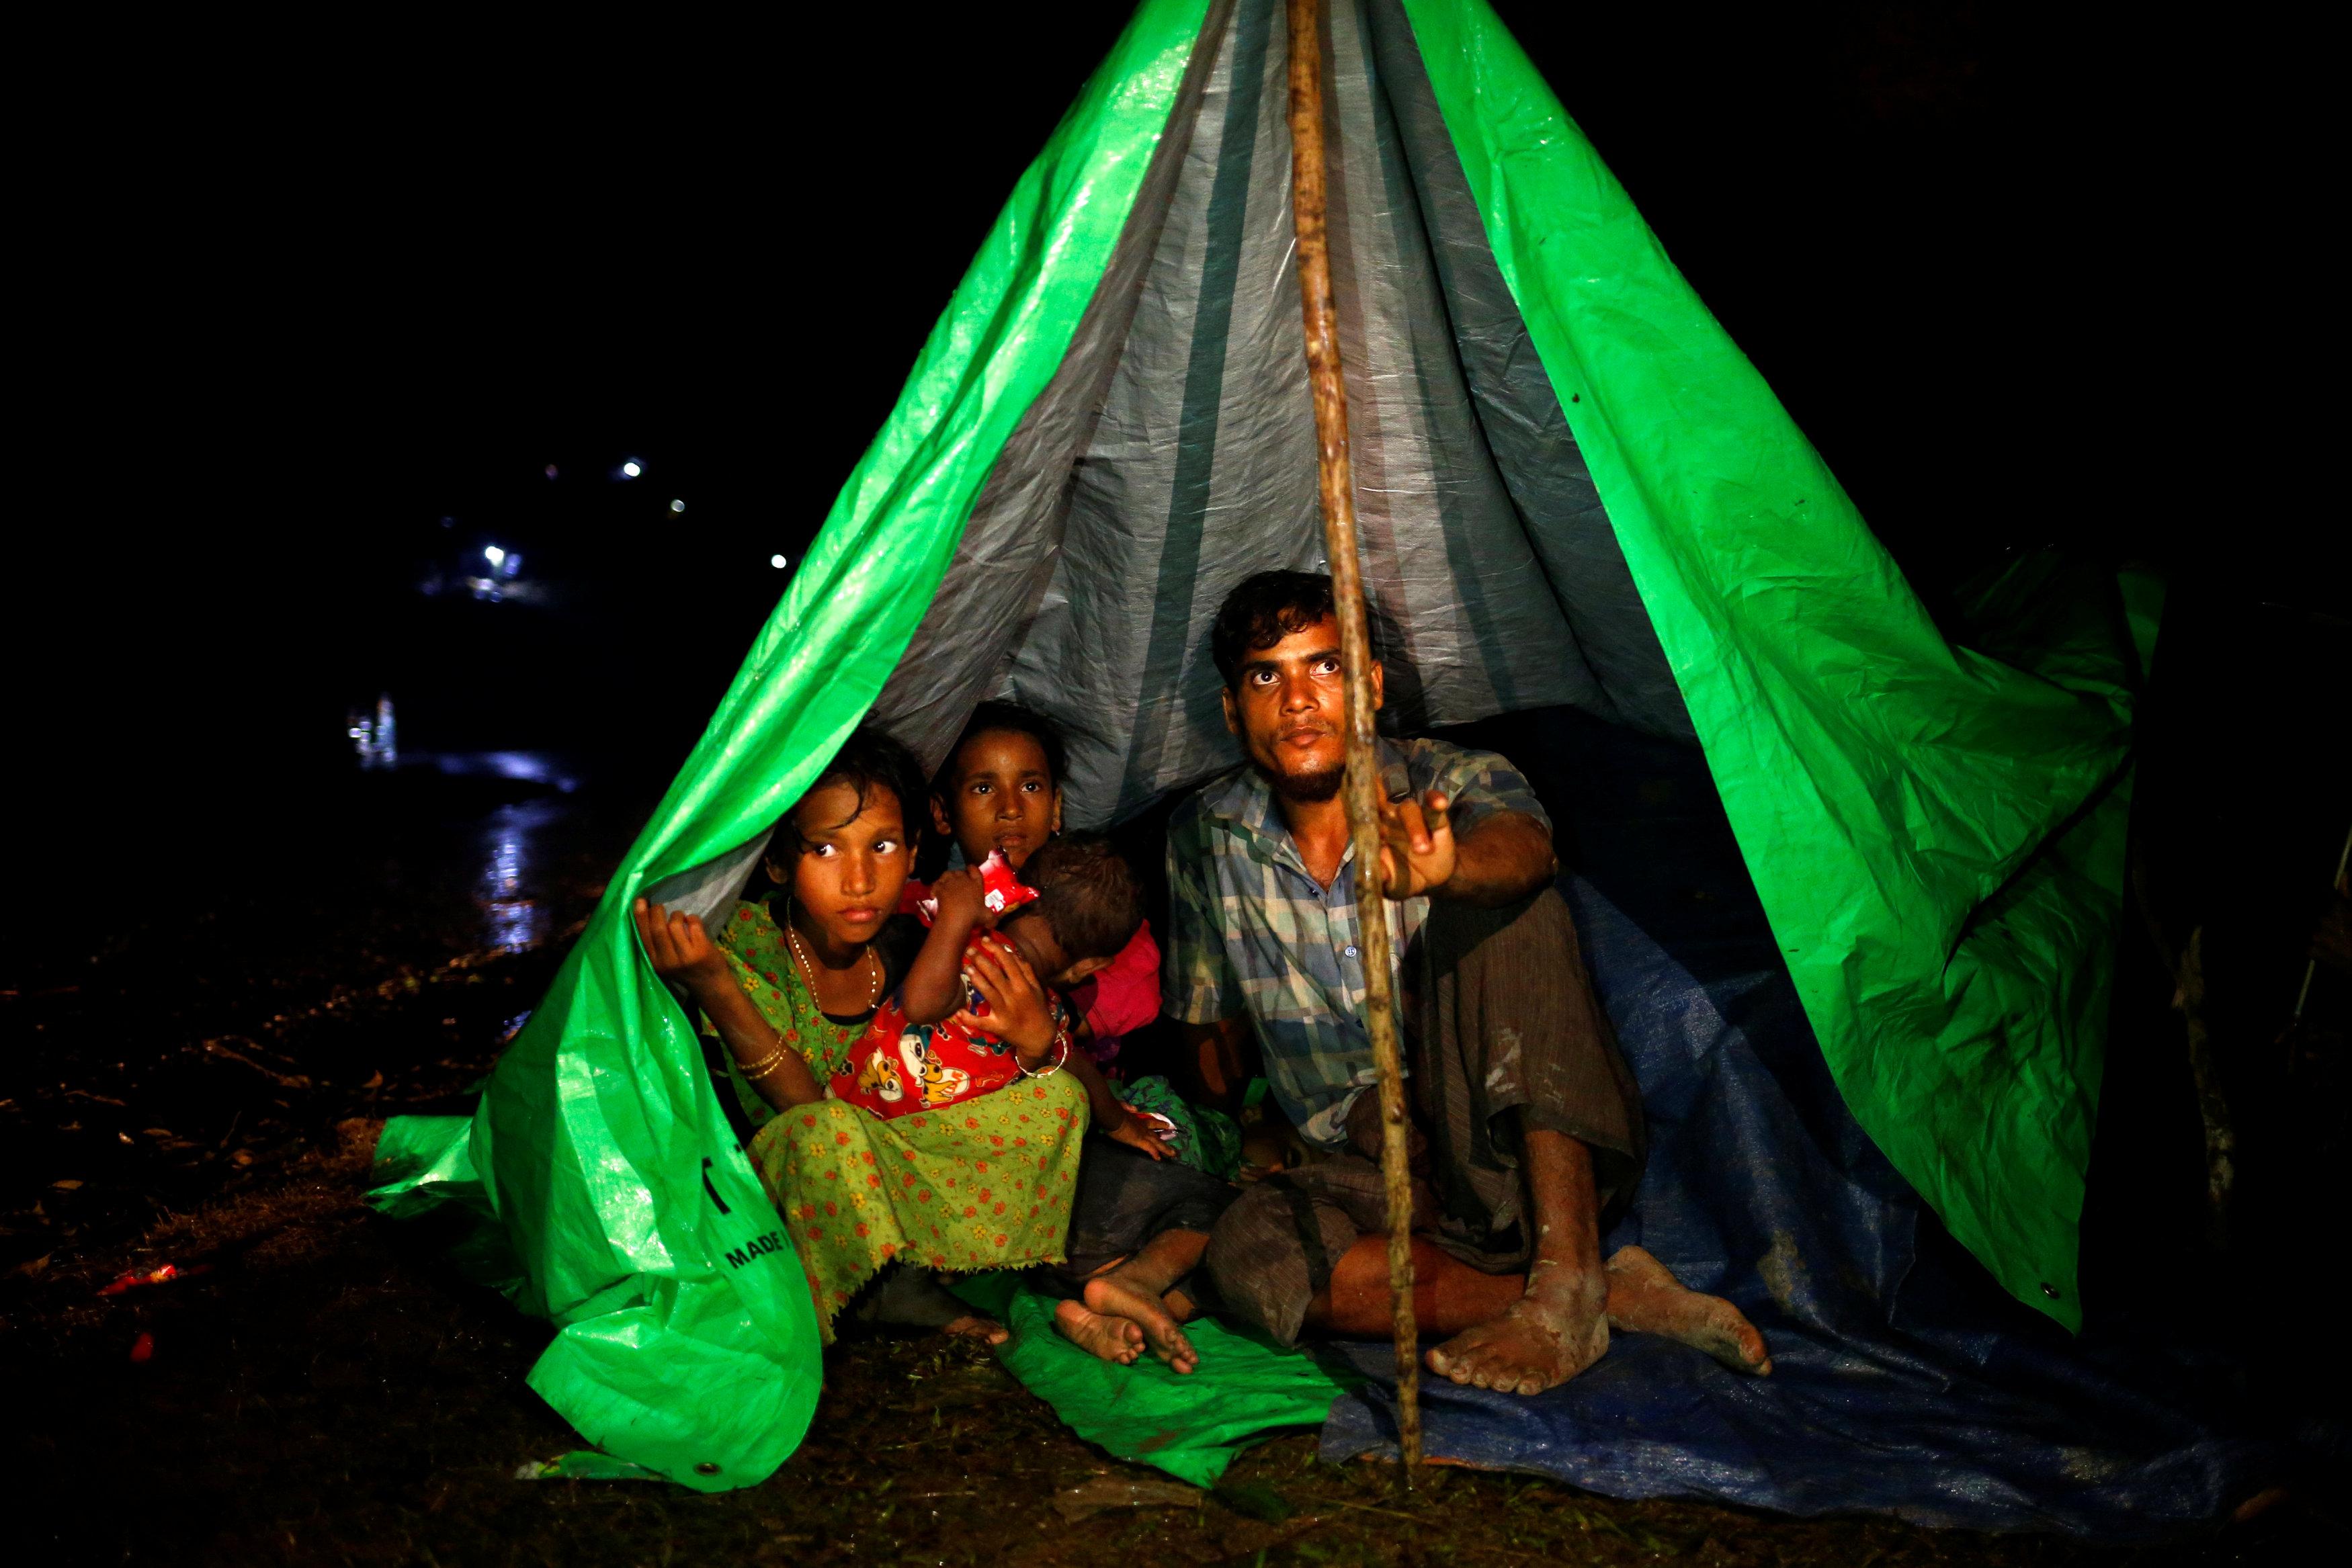 Nearly 90,000 Rohingya flee to Bangladesh from Myanmar